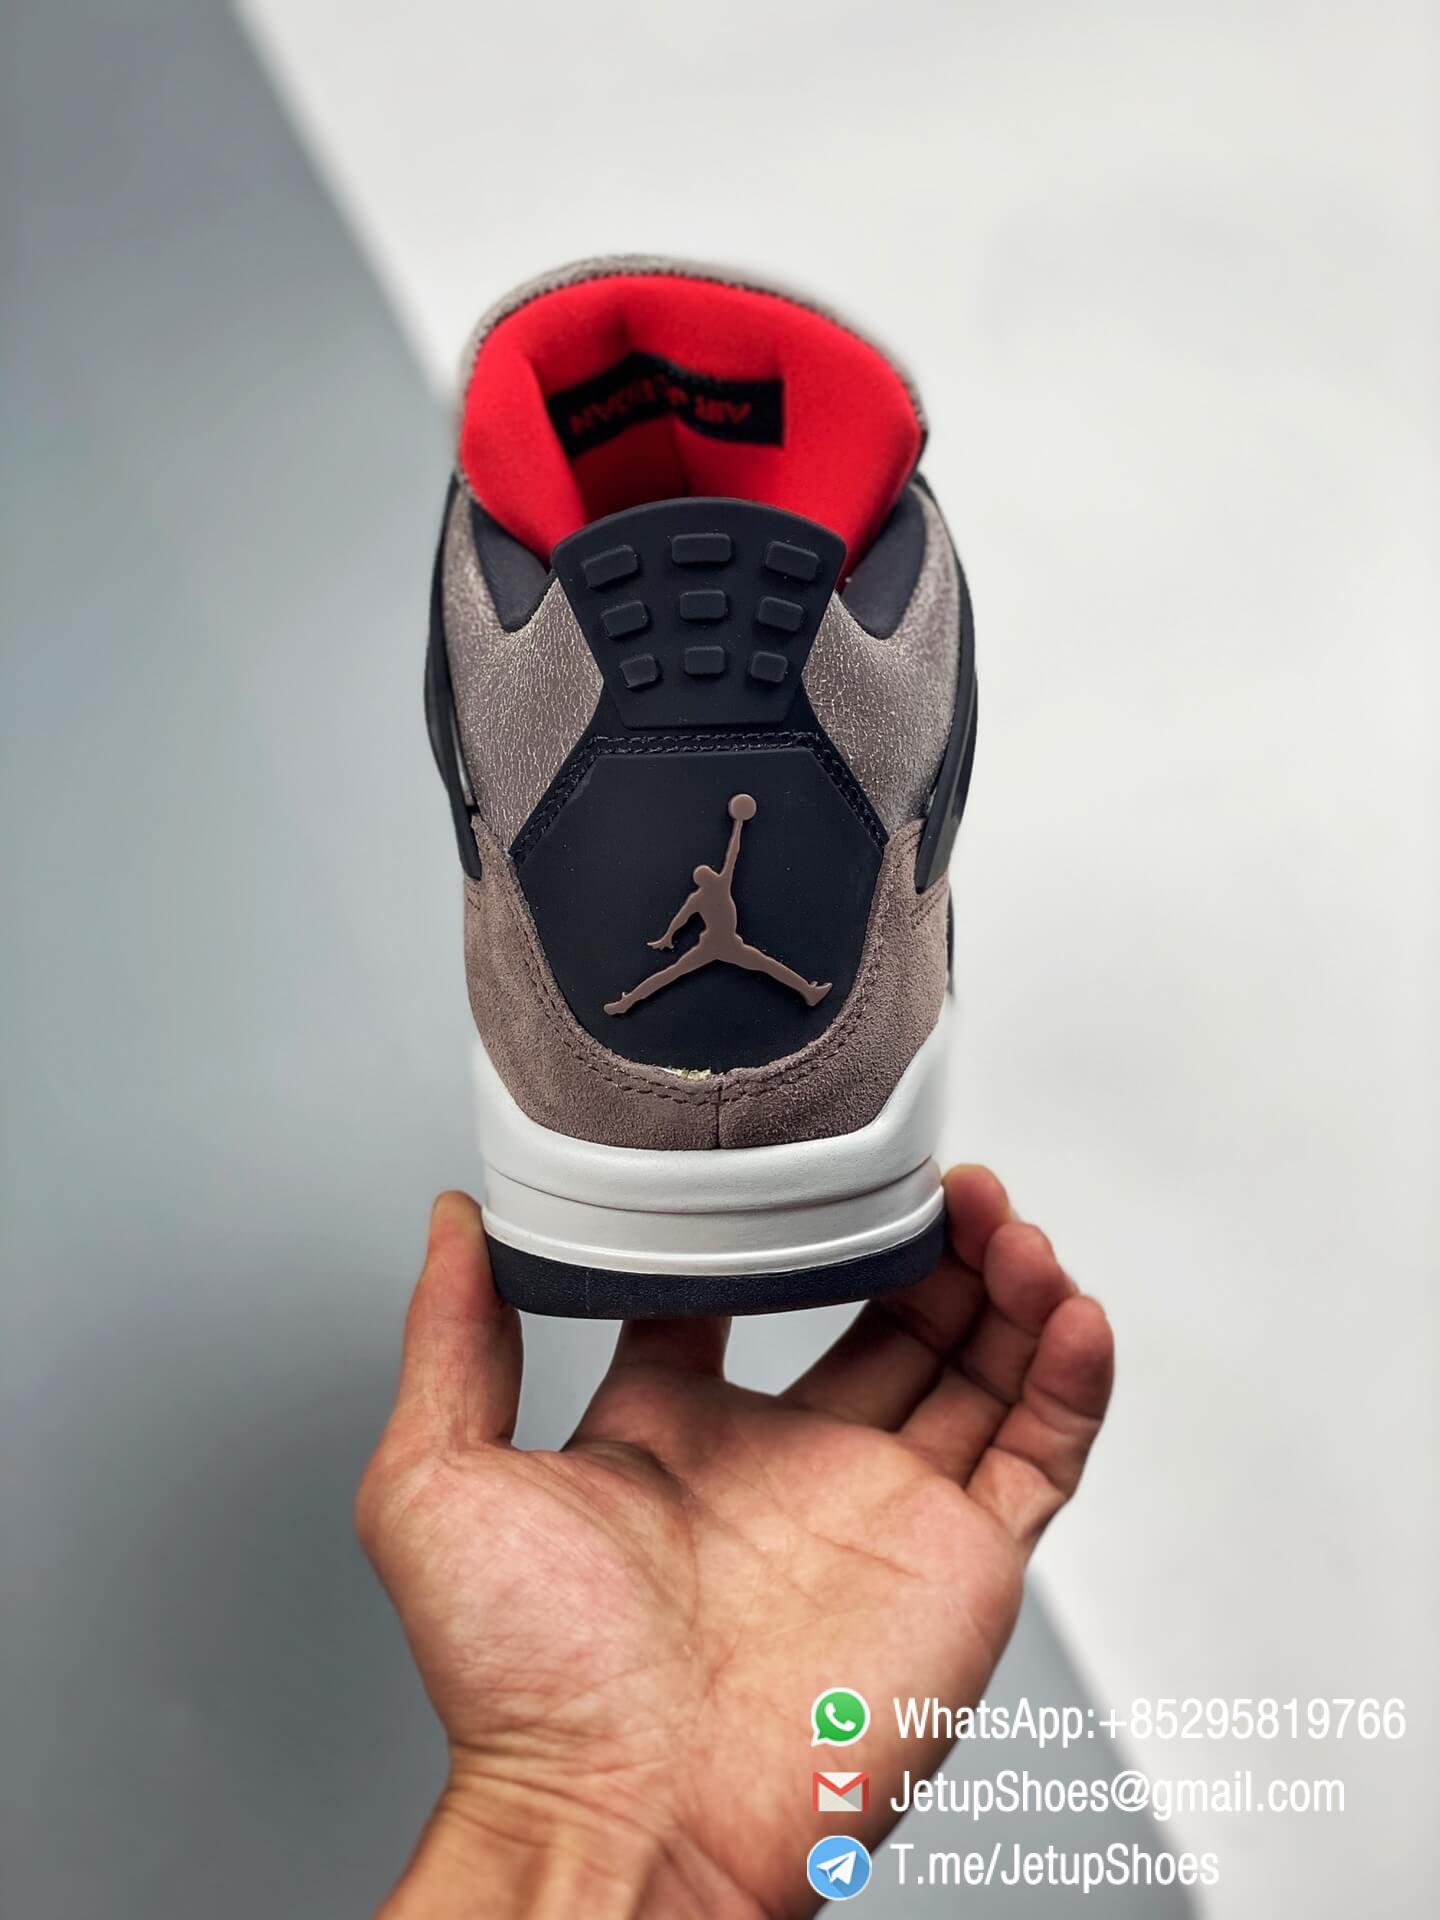 Repsneakers Air Jordan 4 Retro Taupe Haze DB0732 200 Best Replica Sneakers 05